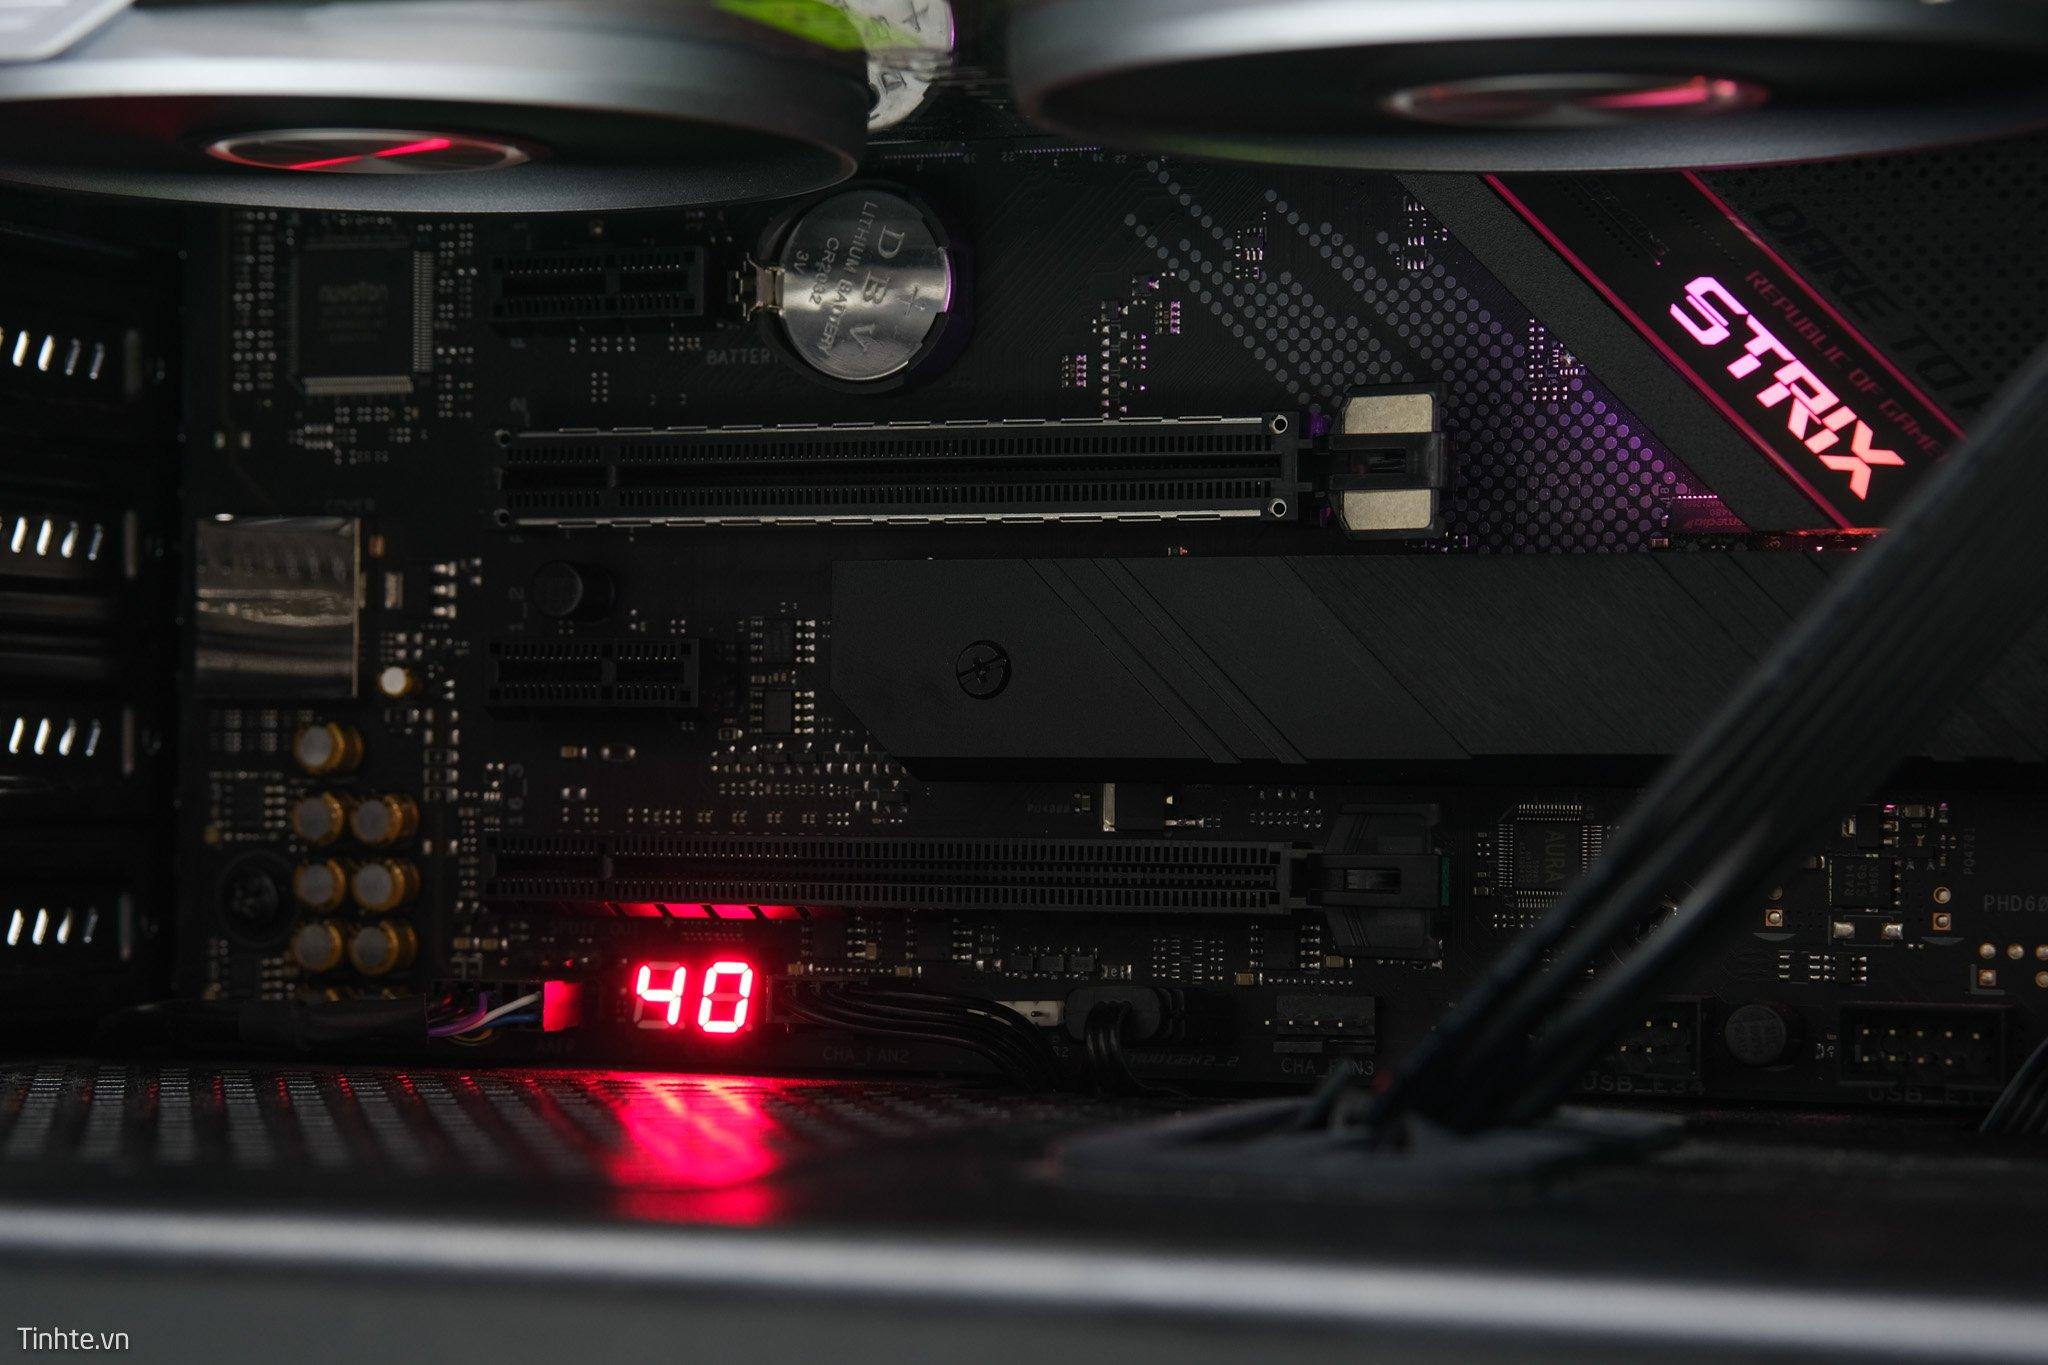 Ryzen 9 3900XT: 4,5 GHz 12 nhân với tản nước AIO, hiệu năng rất tốt